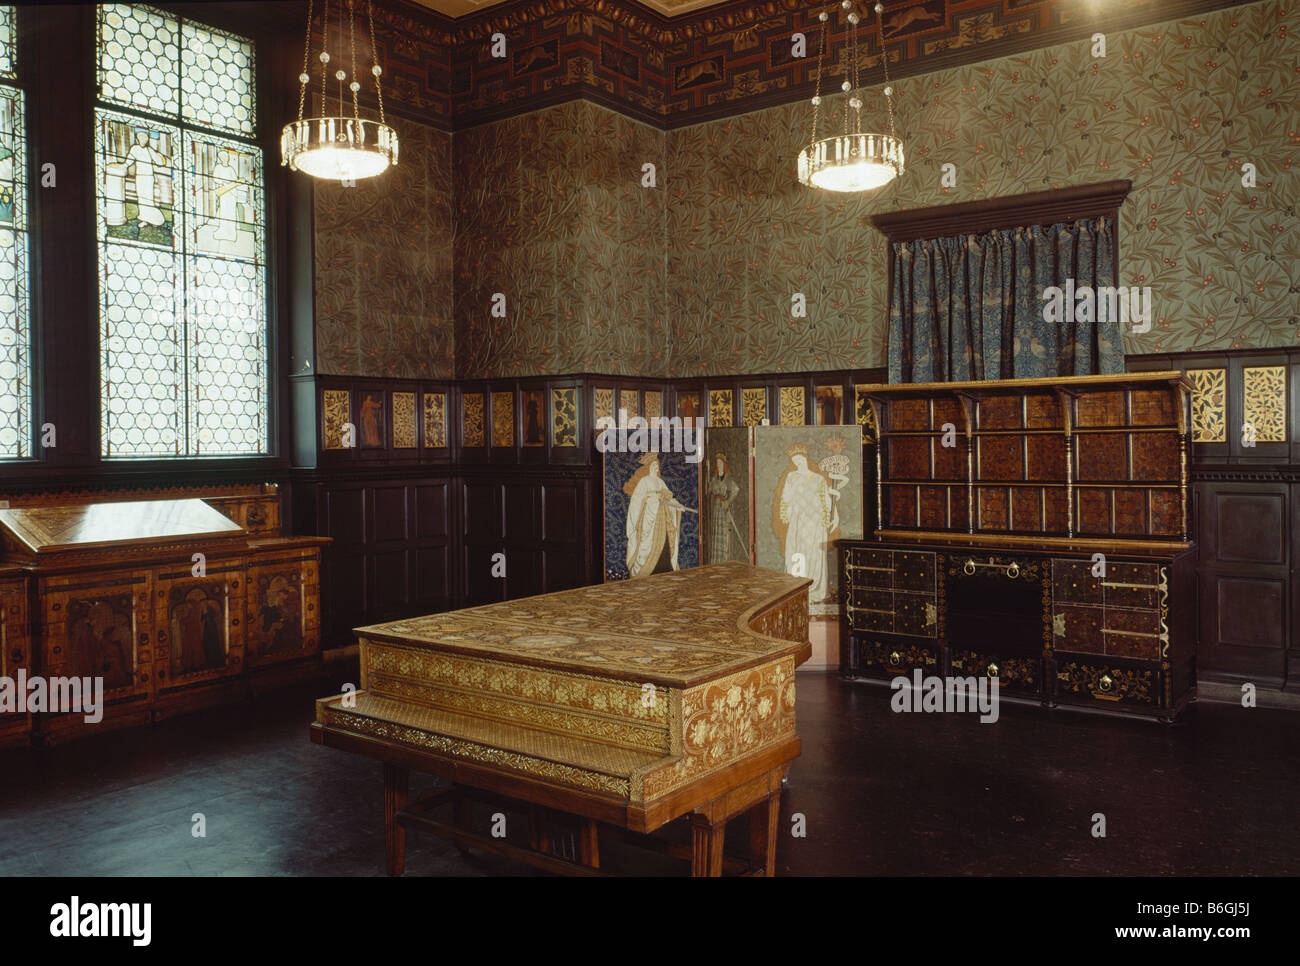 William Morris Room Stock Photo: 21263806